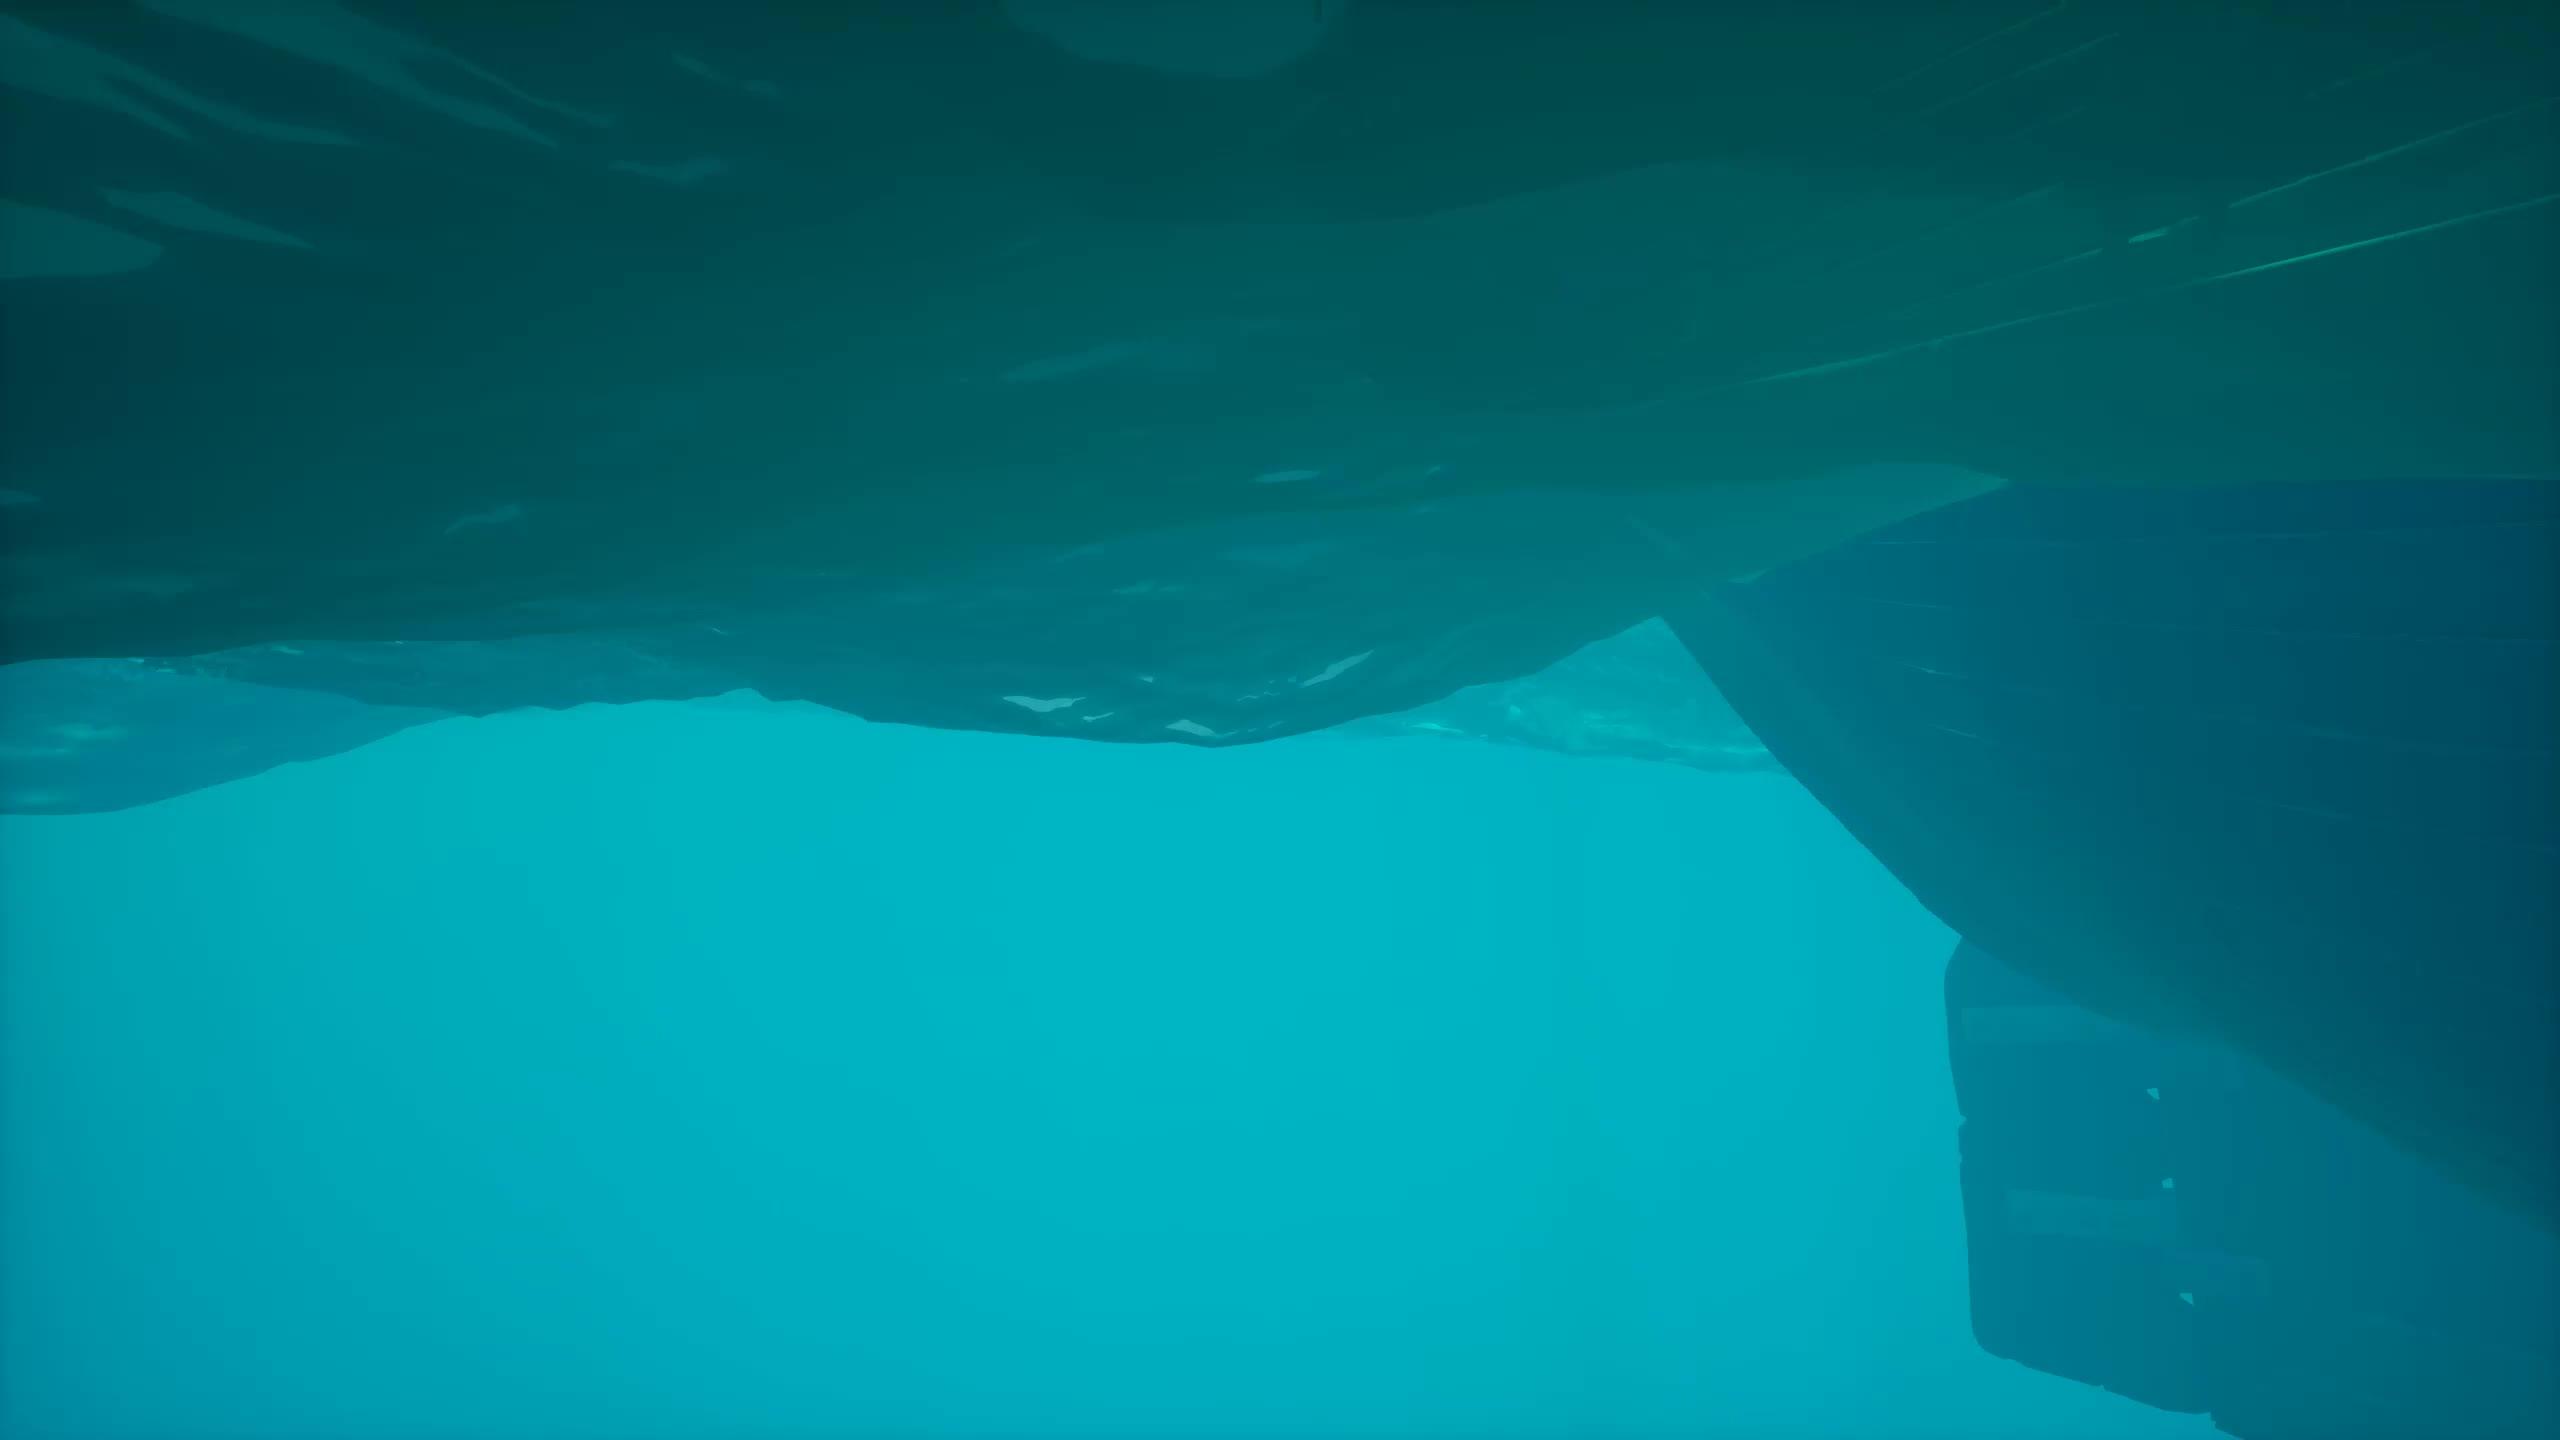 seaofthieves, Sea of Thieves 2019.04.30 - 22.29.23.02.DVR Trim GIFs